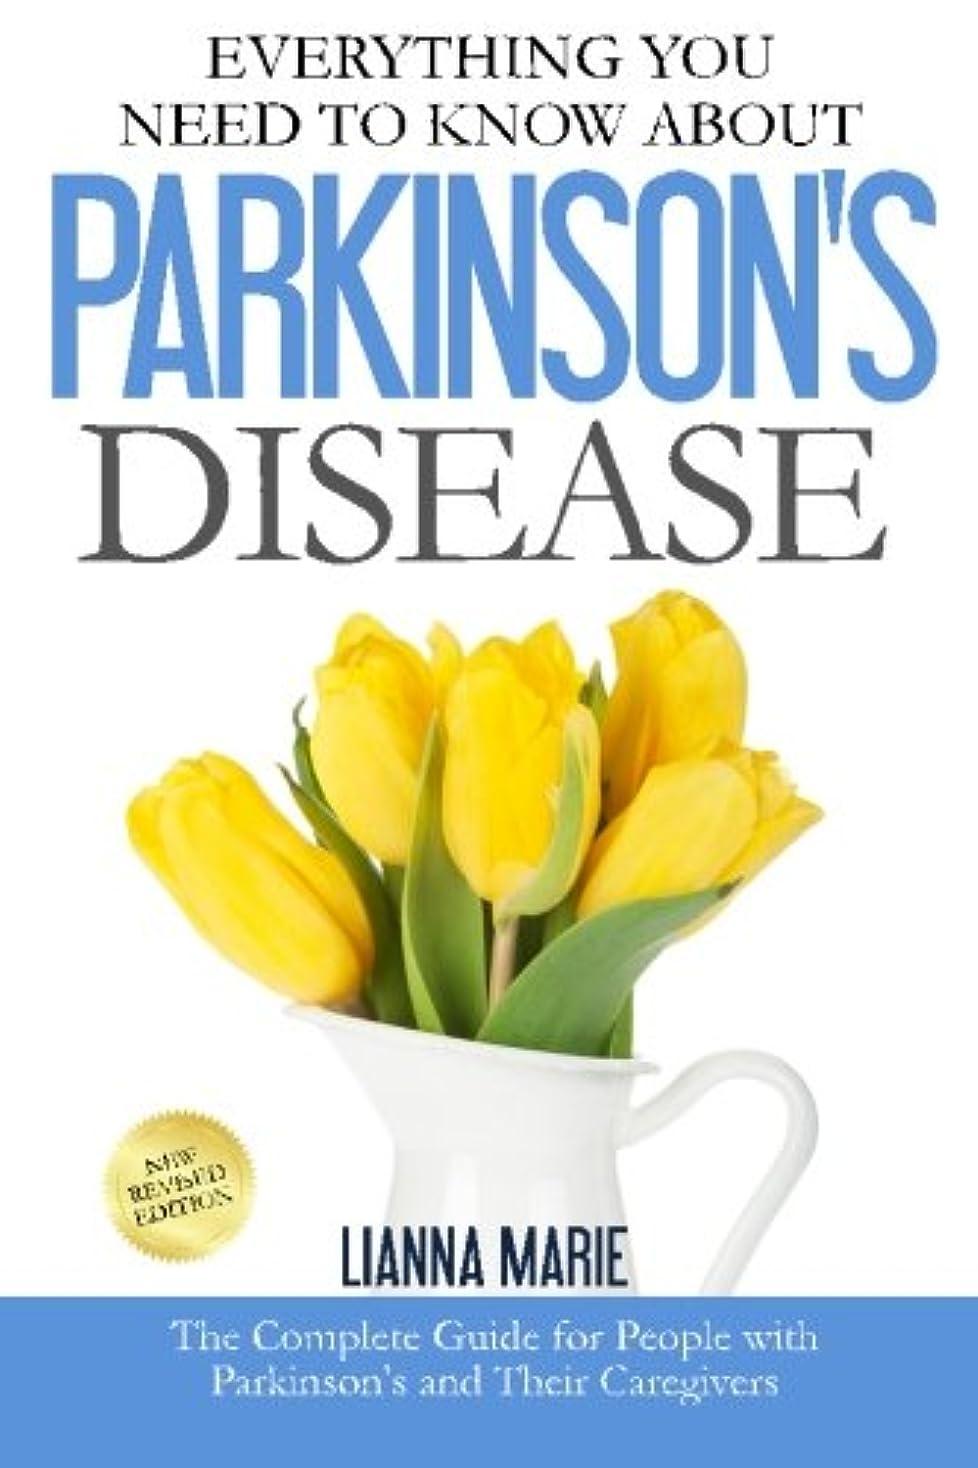 シーケンス成り立つ物理学者Everything You Need To Know About Parkinson's Disease